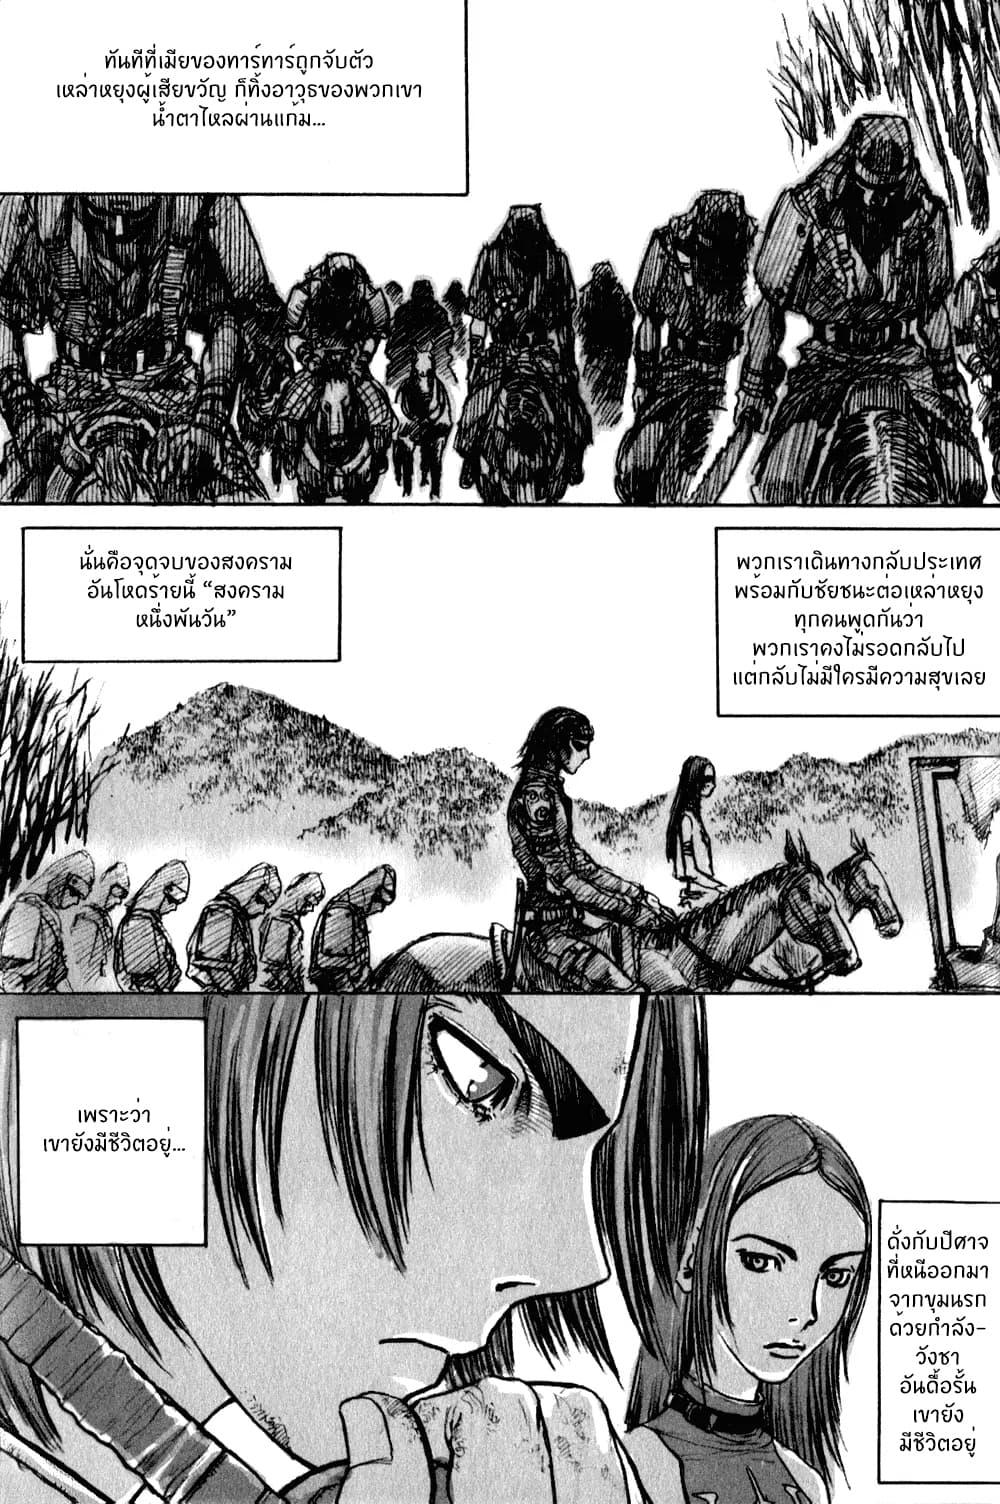 อ่านการ์ตูน Chunchu The Genocide Fiend ตอนที่ 3 หน้าที่ 26